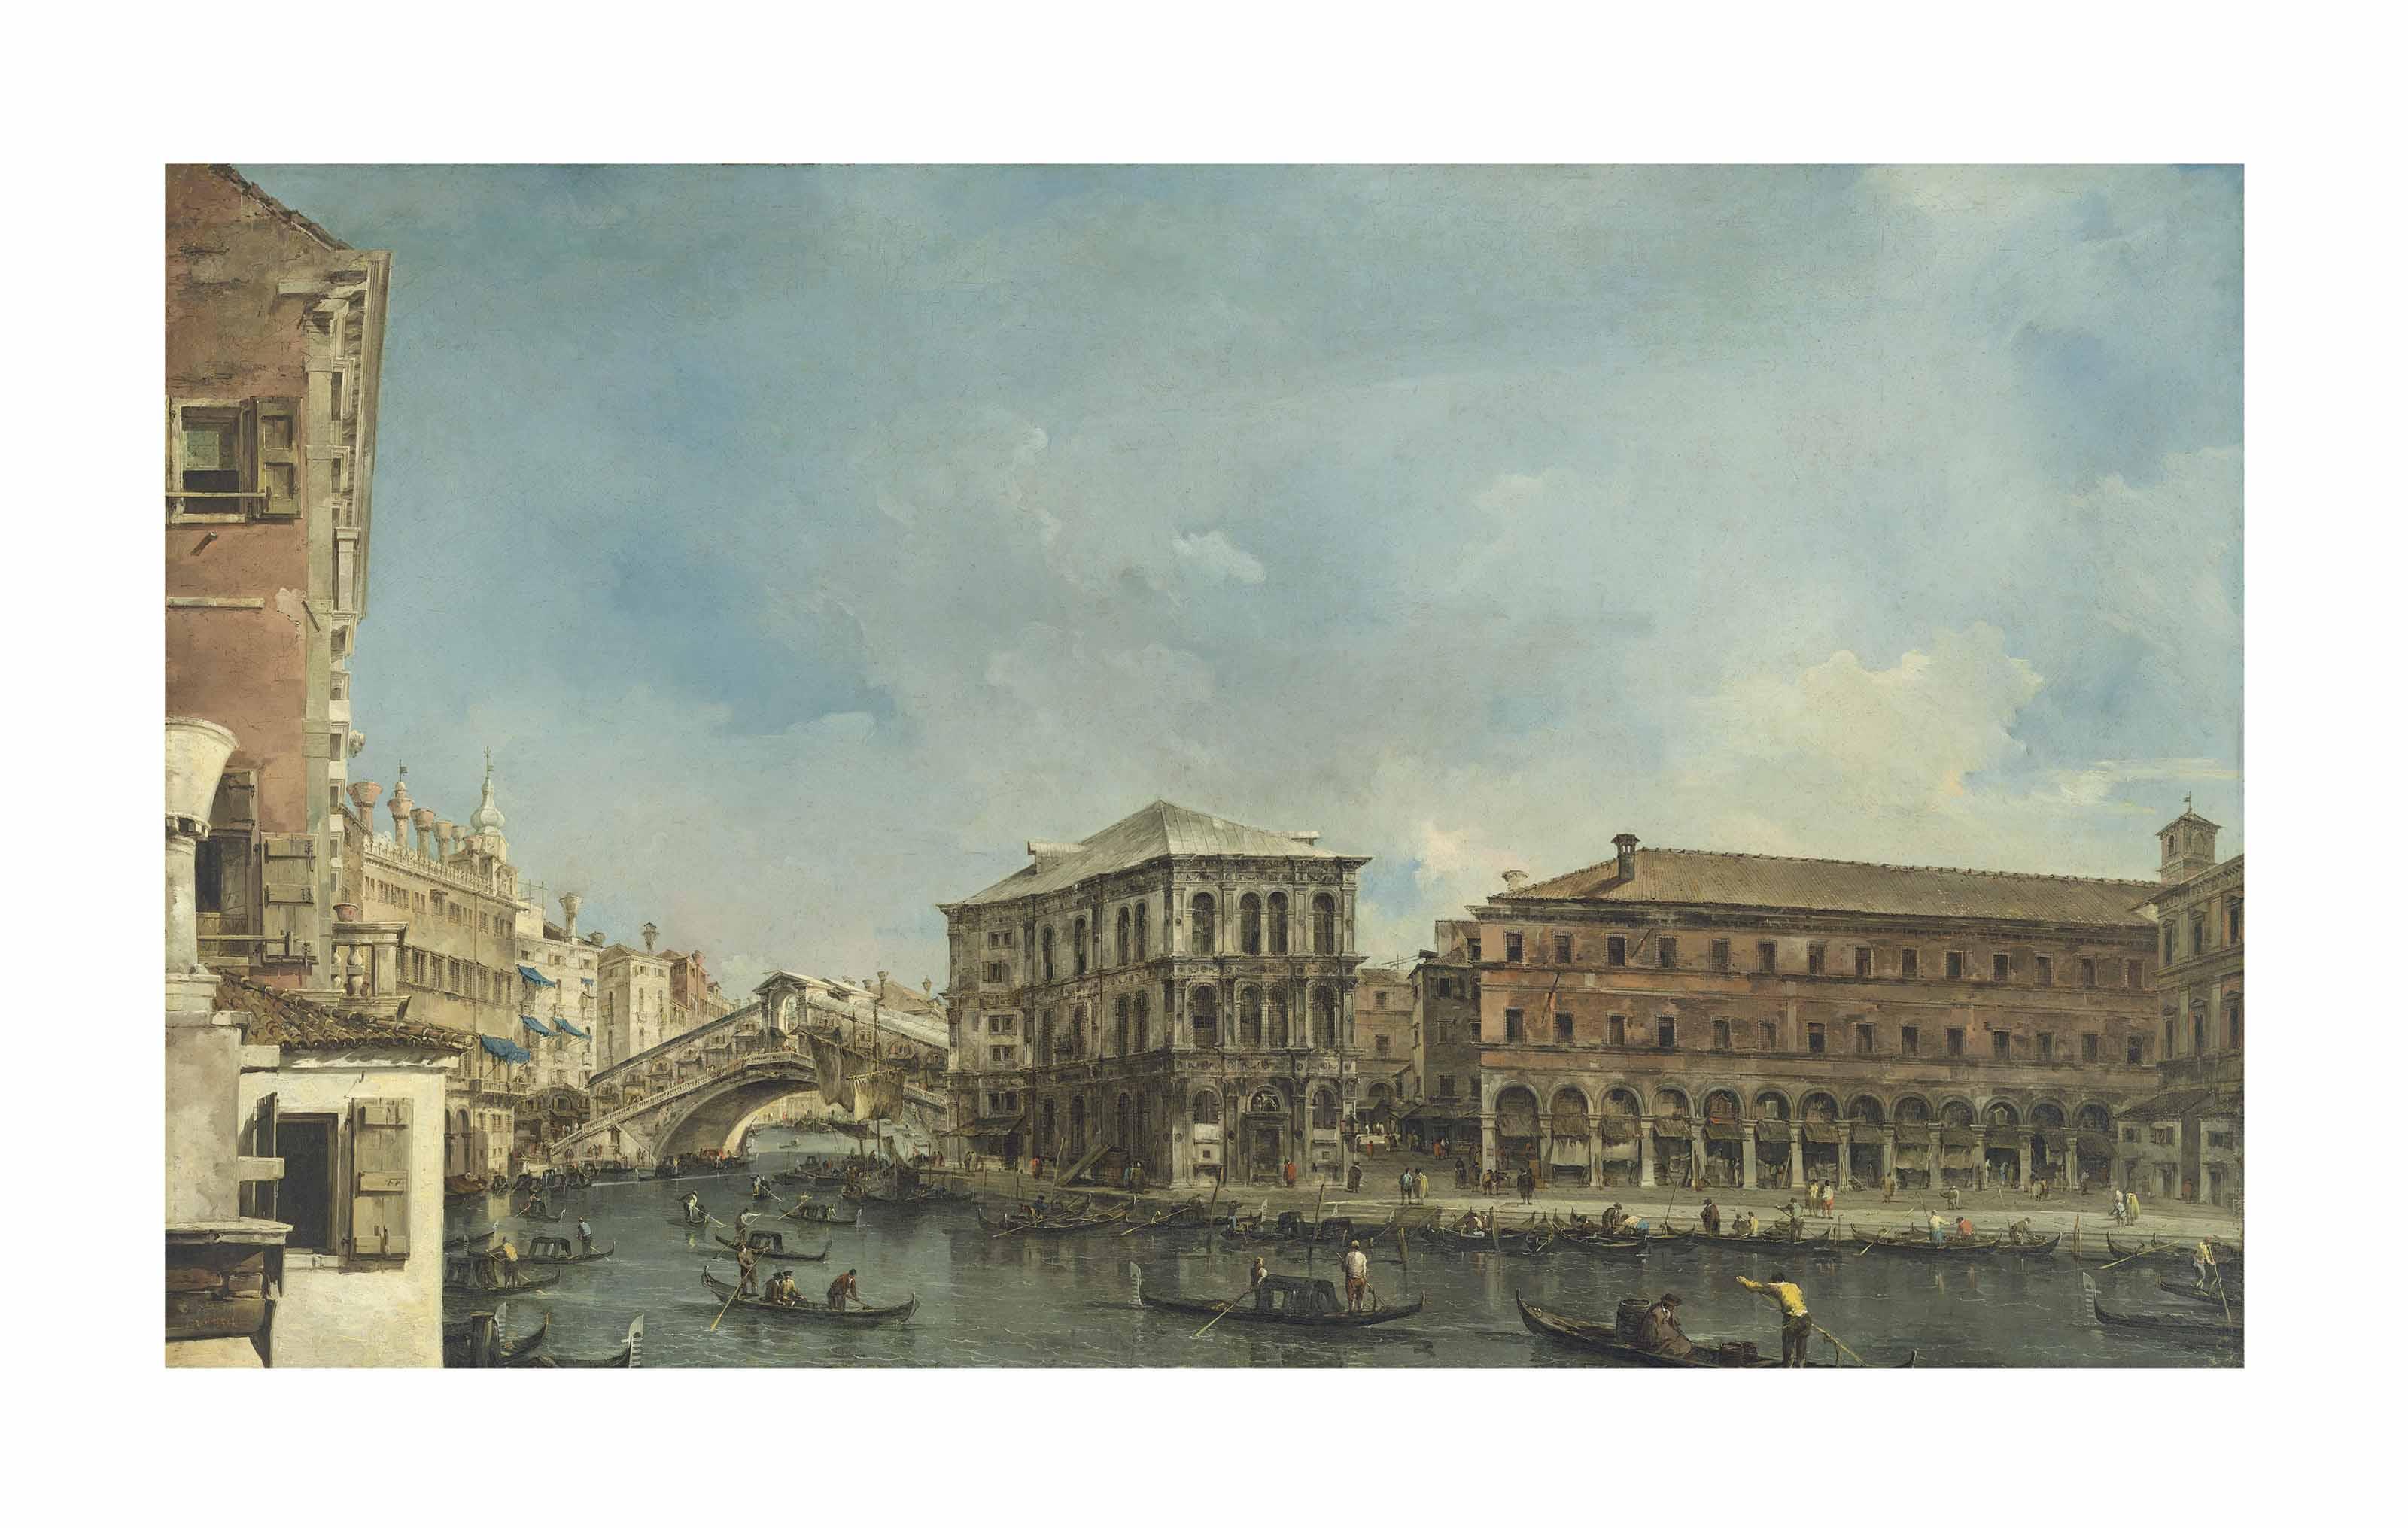 Venice: the Rialto Bridge with the Palazzo dei Camerlenghi